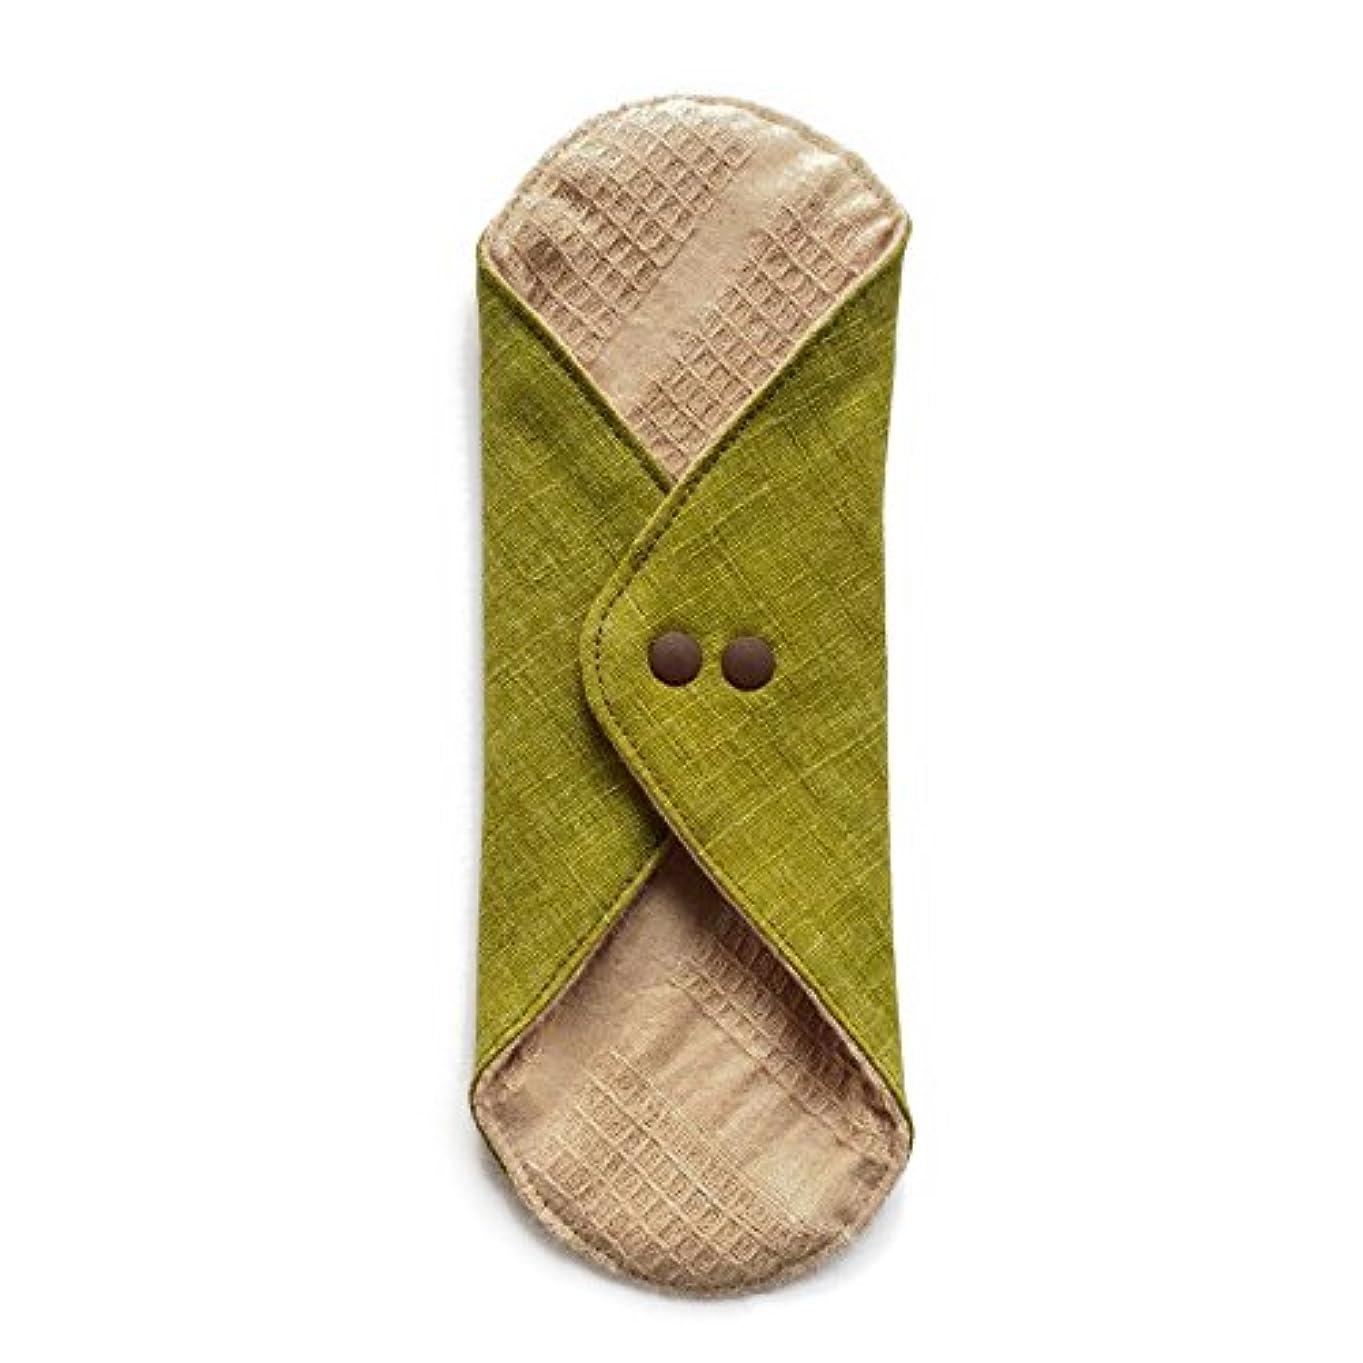 敬な椅子結婚する華布のオーガニックコットンのあたため布 Lサイズ (約18×約20.5×約0.5cm) 彩り(抹茶)